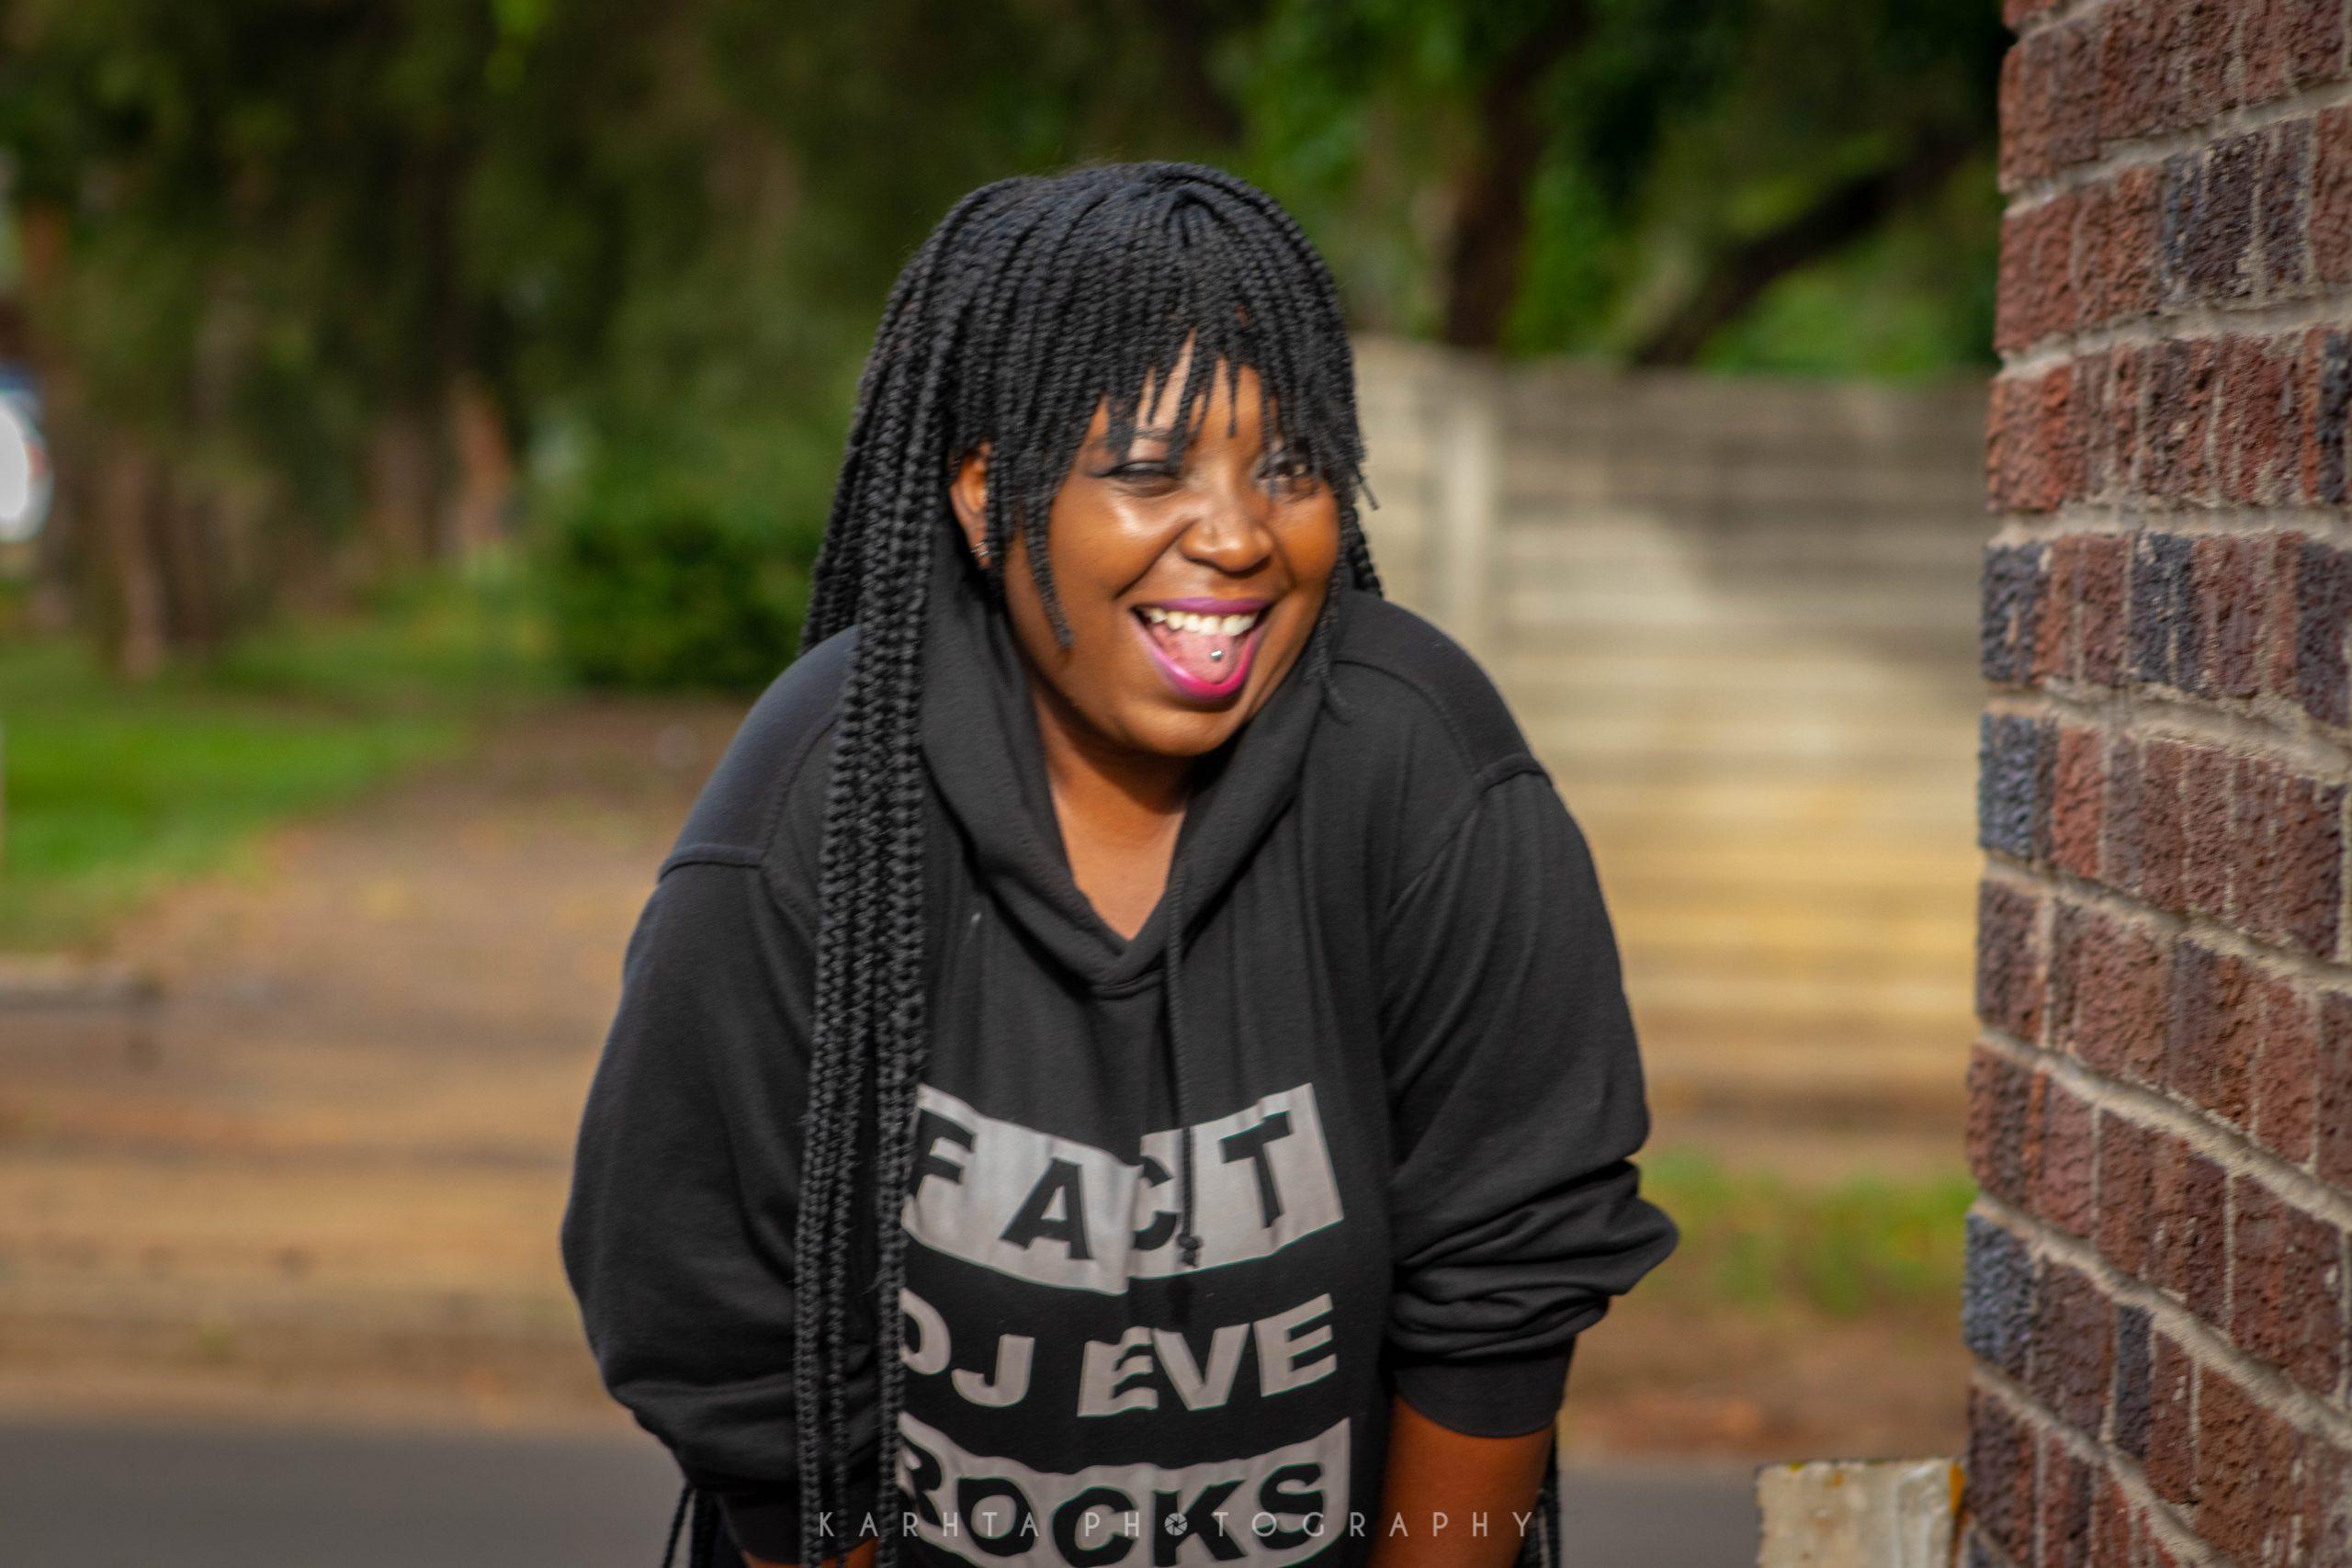 Revealing Zimbabwe Under-Celebrated Woman with DJ Eve